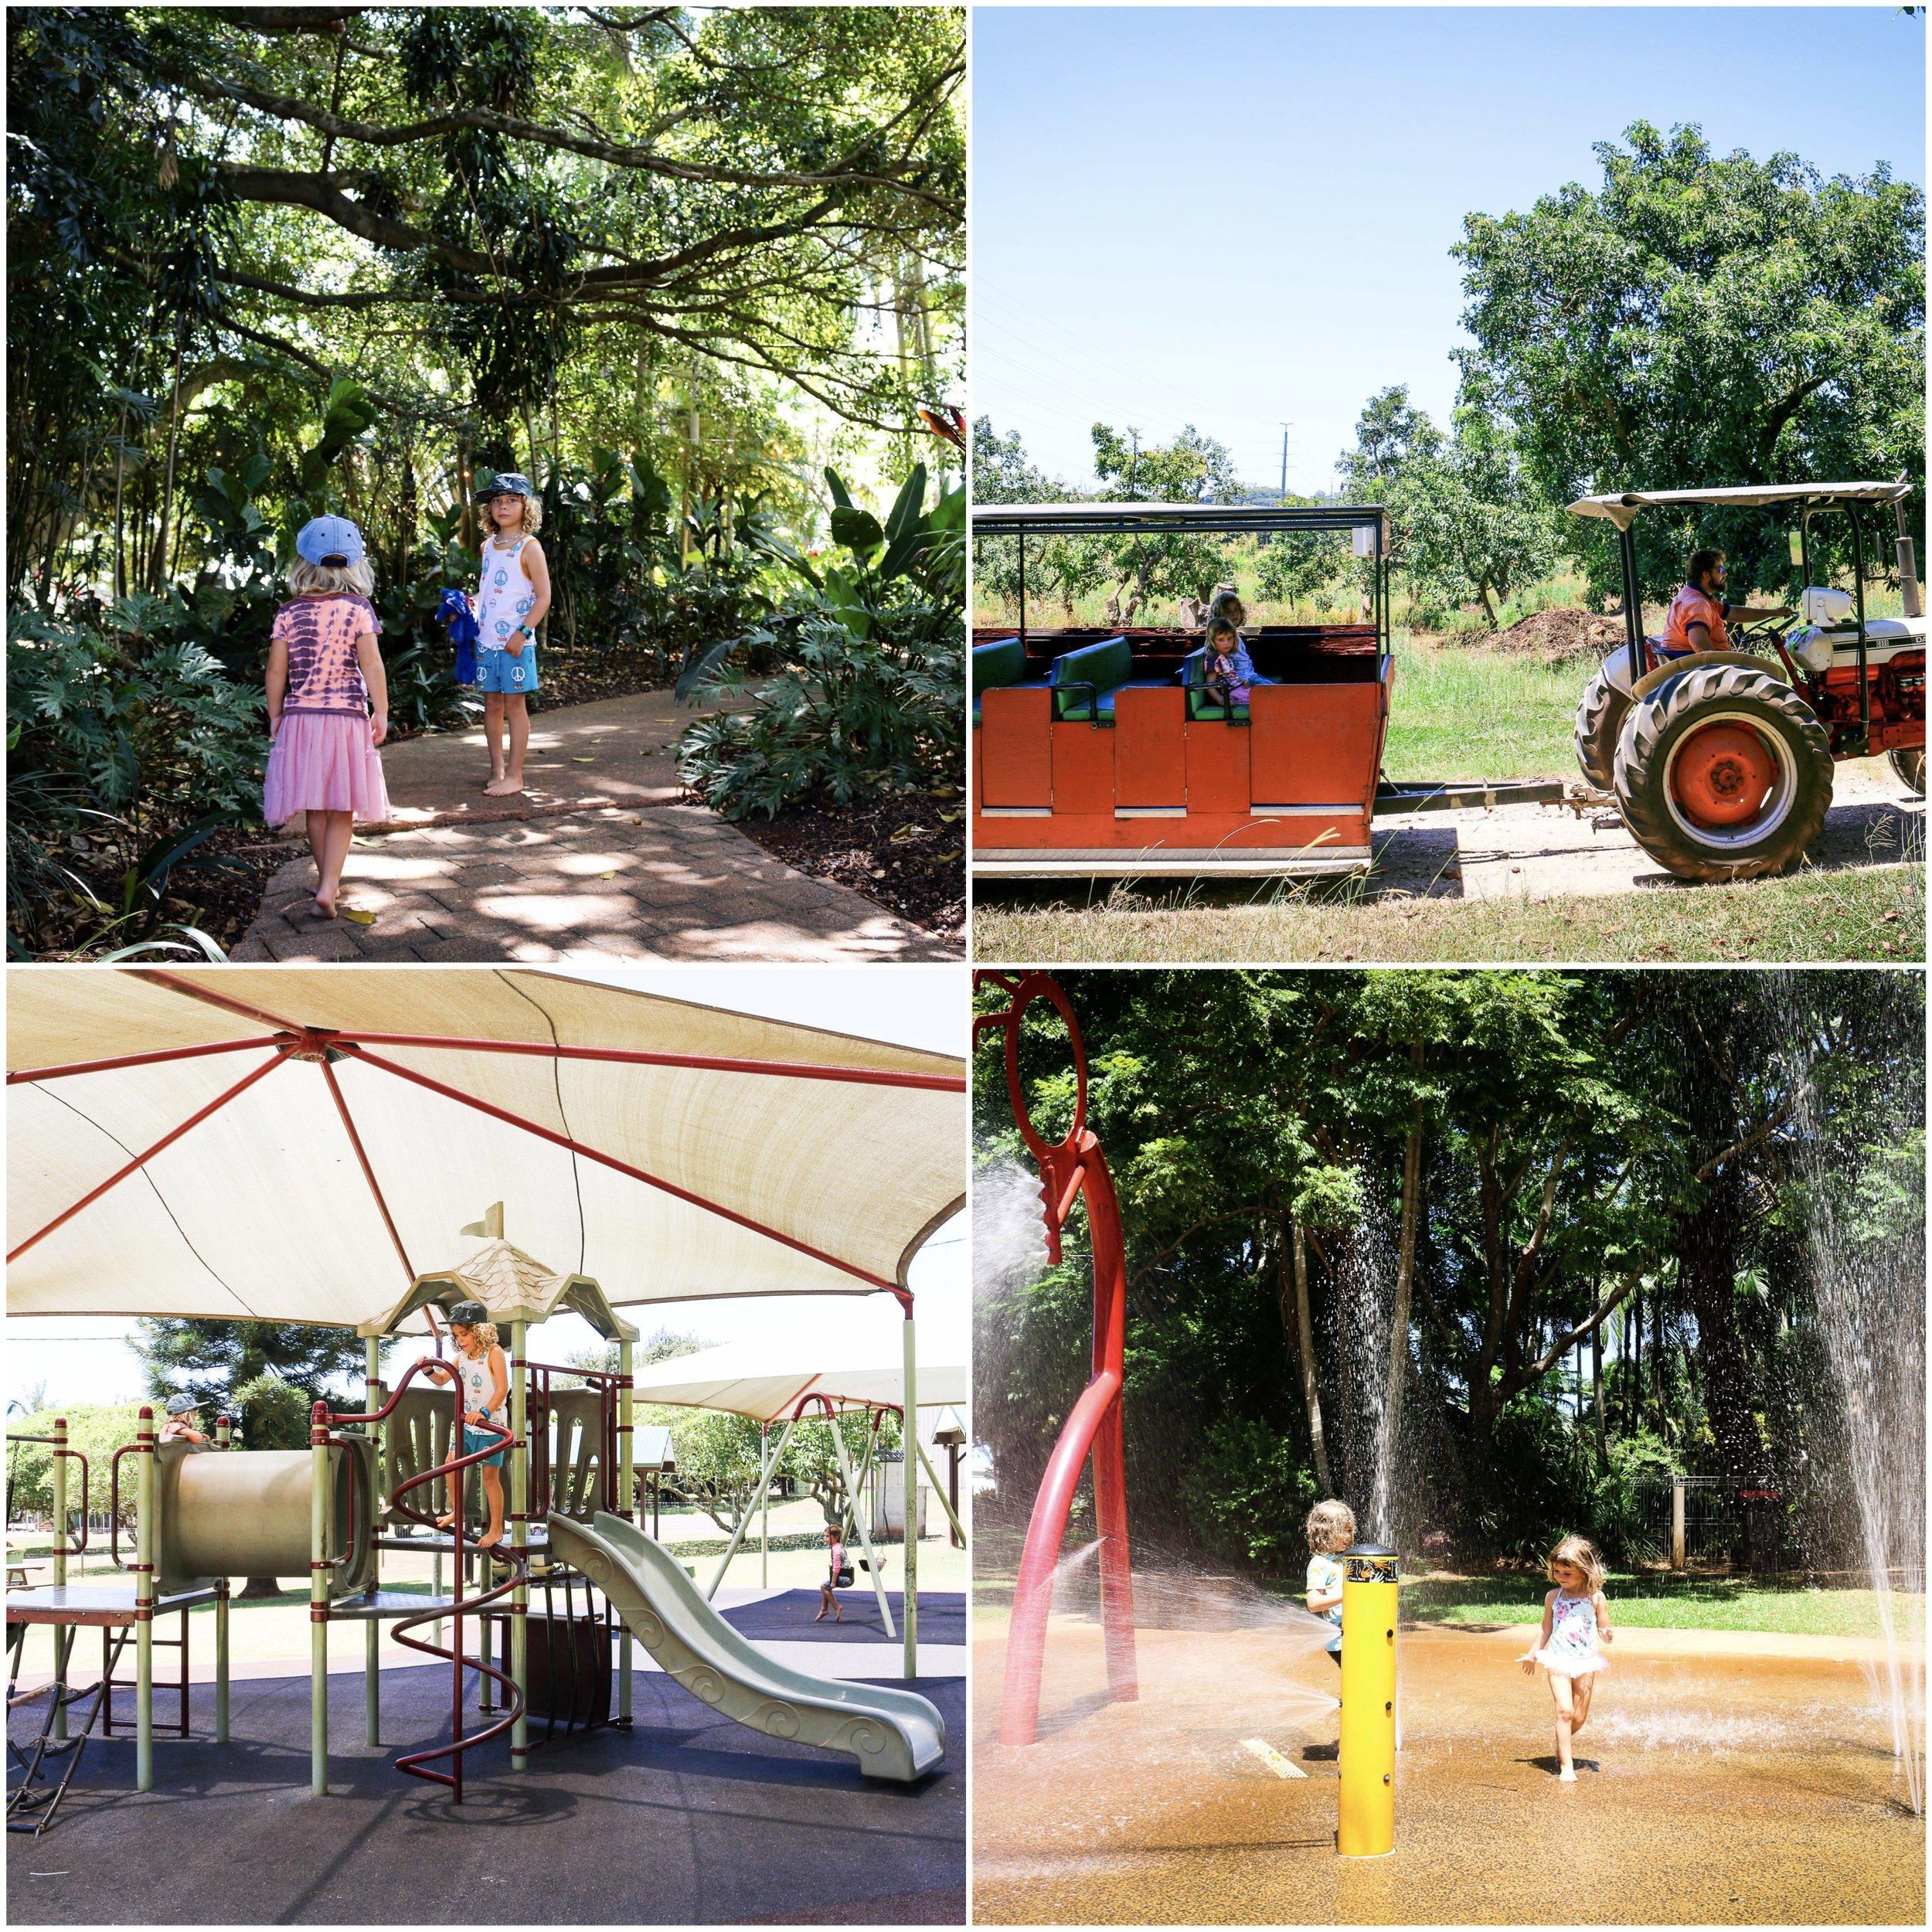 summerland house farm.jpg